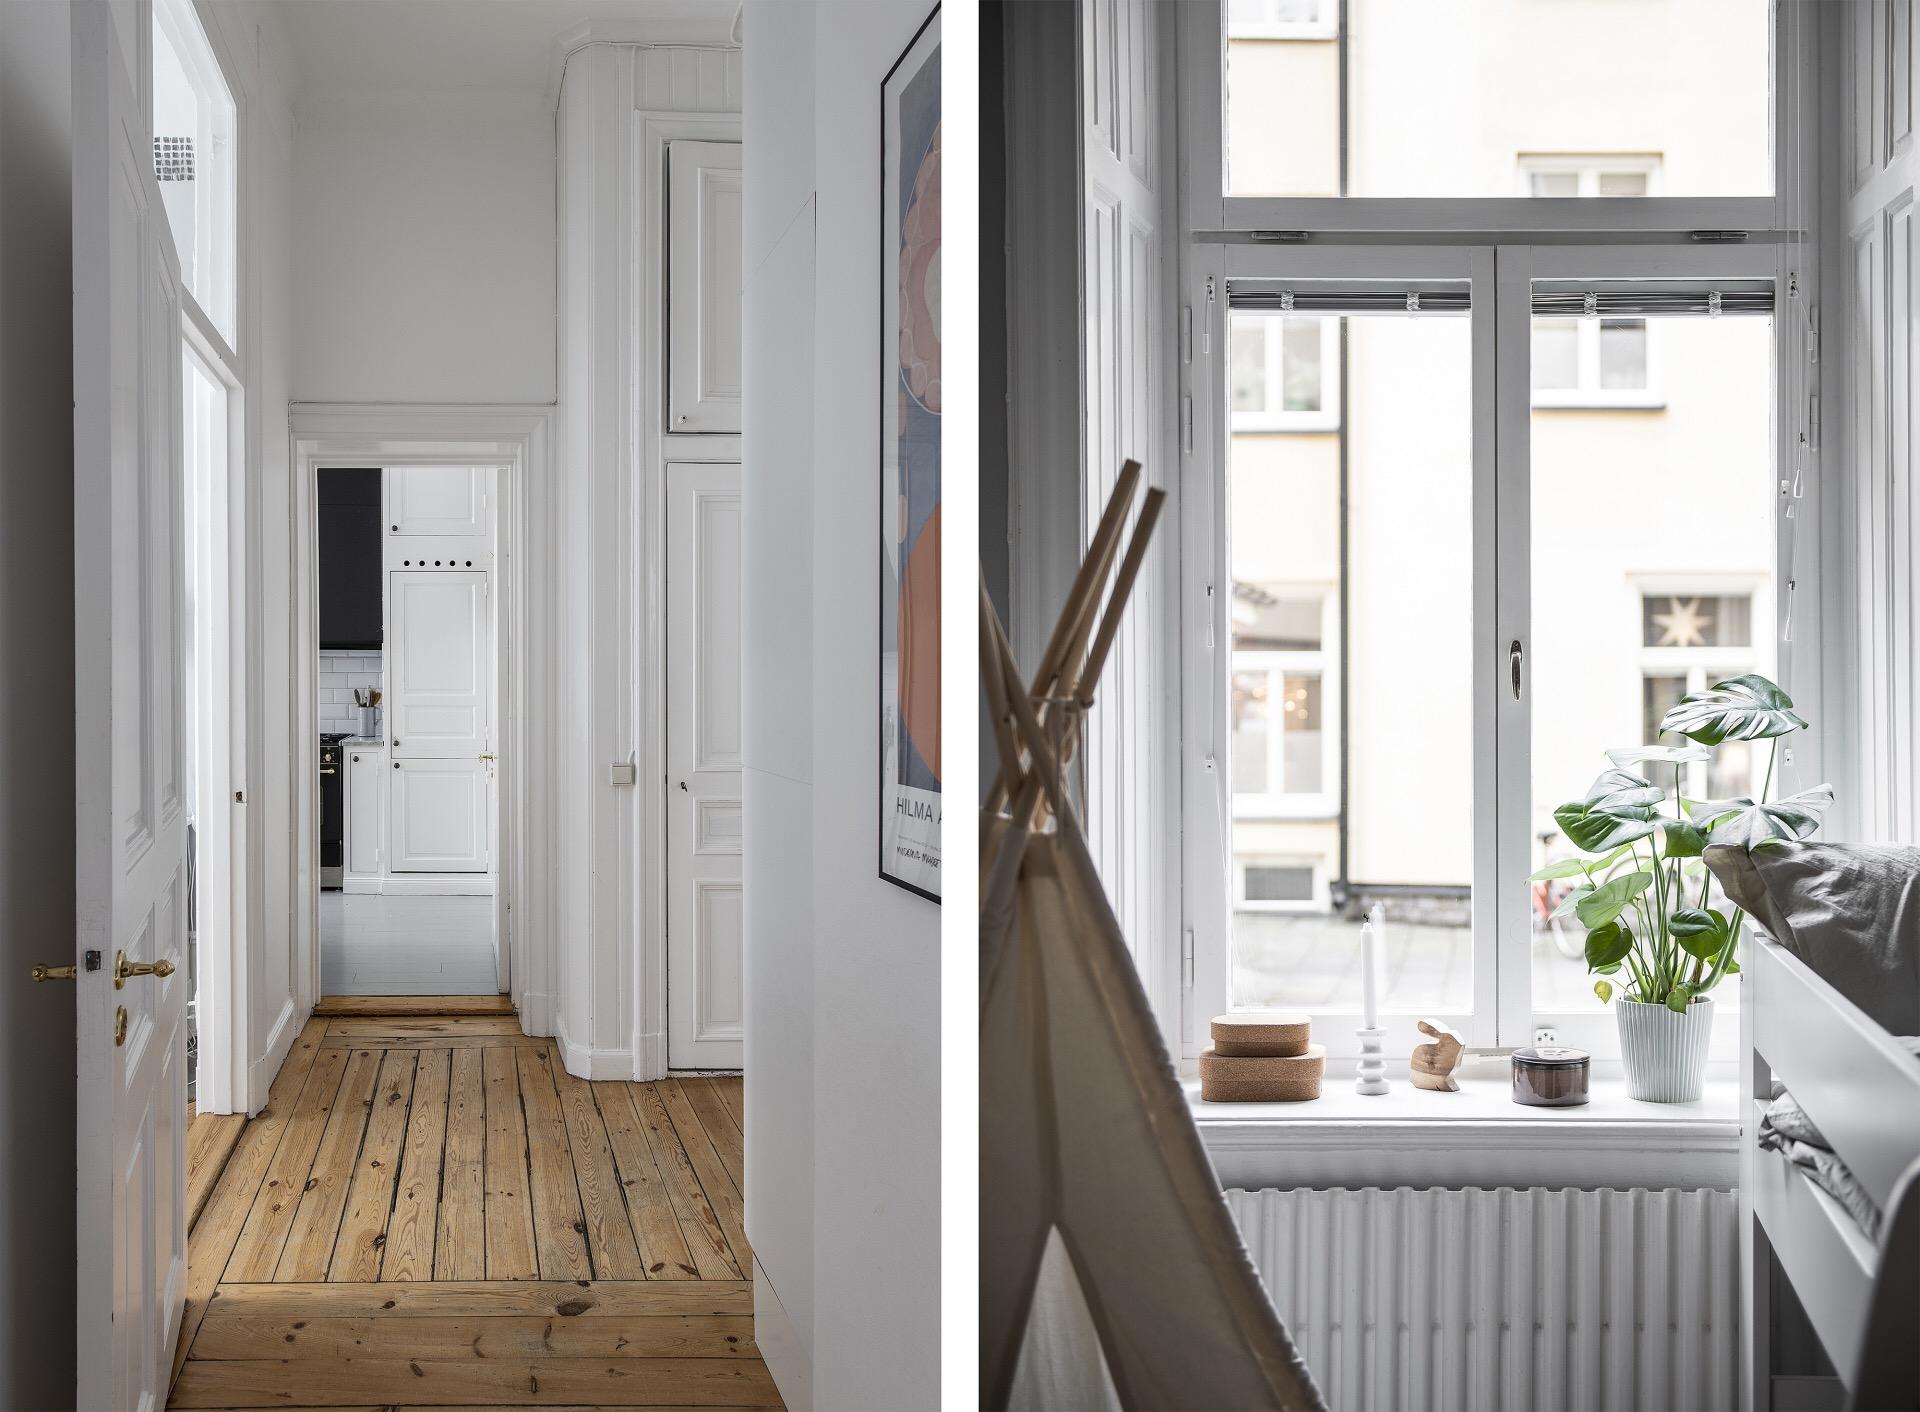 окно фрамуга коридор